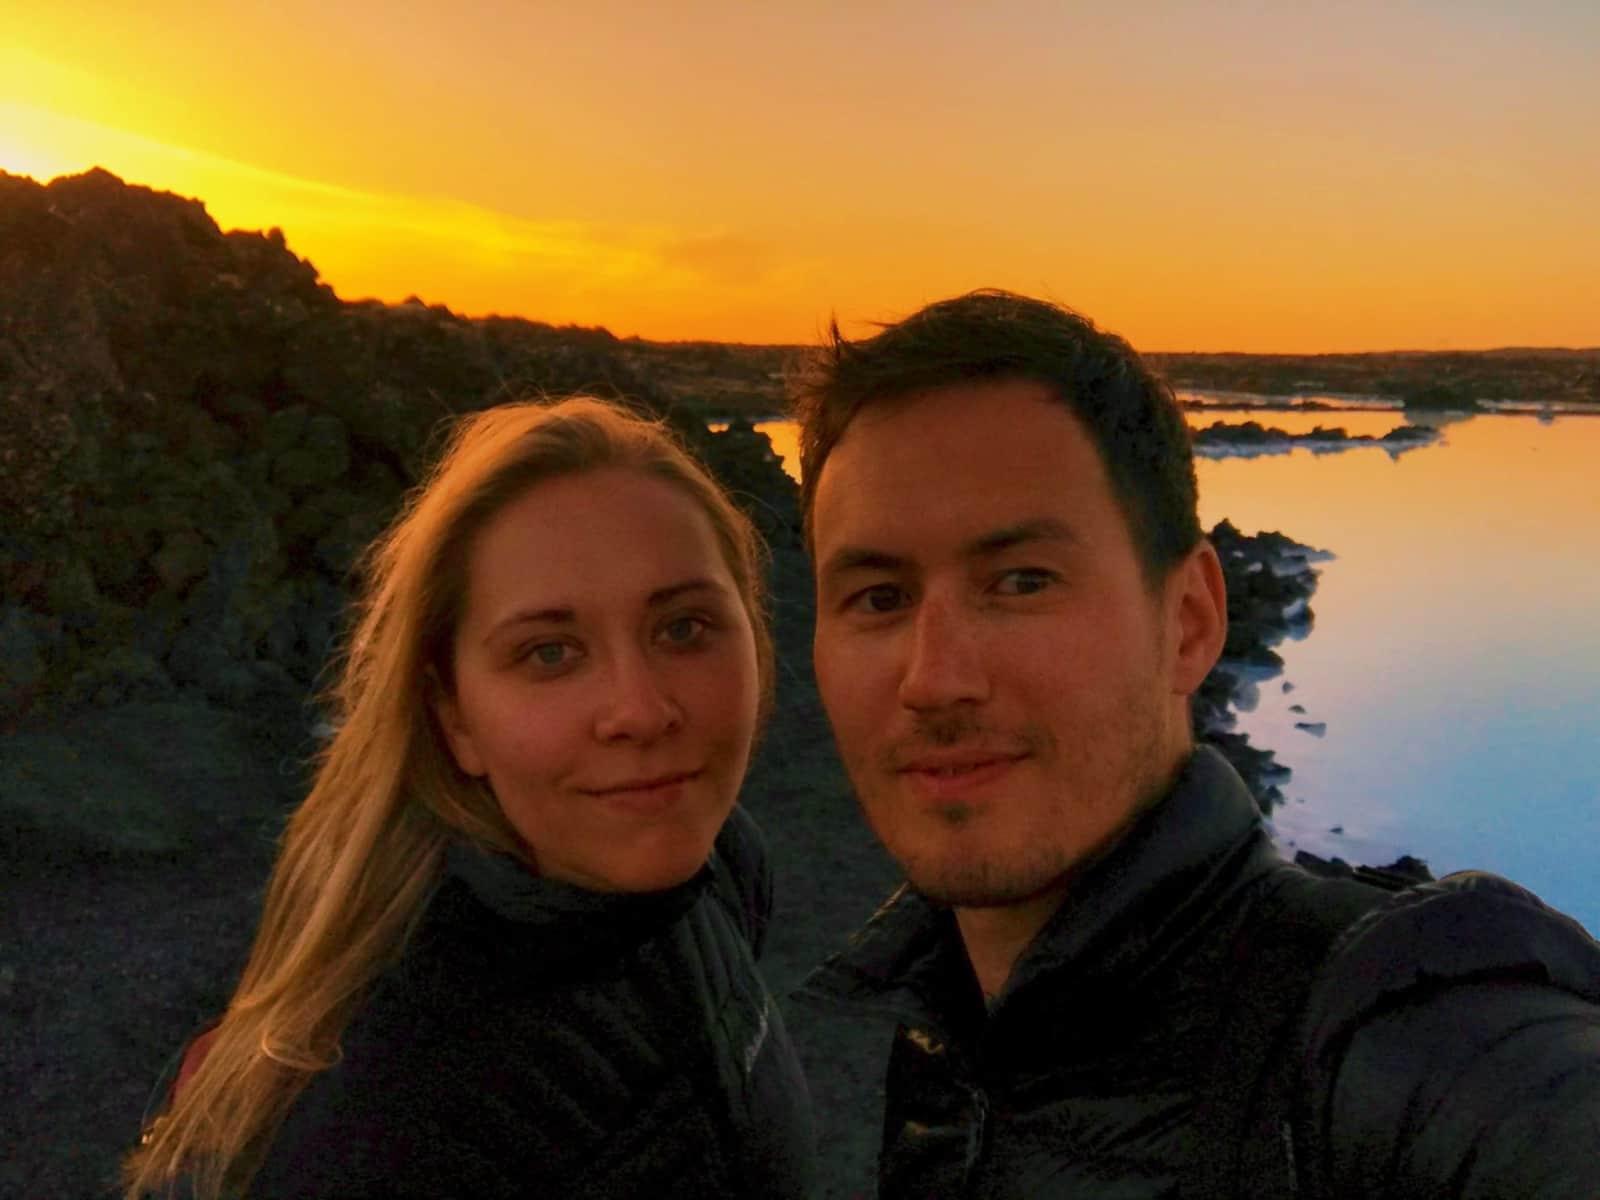 Polina & Anton from Seattle, Washington, United States